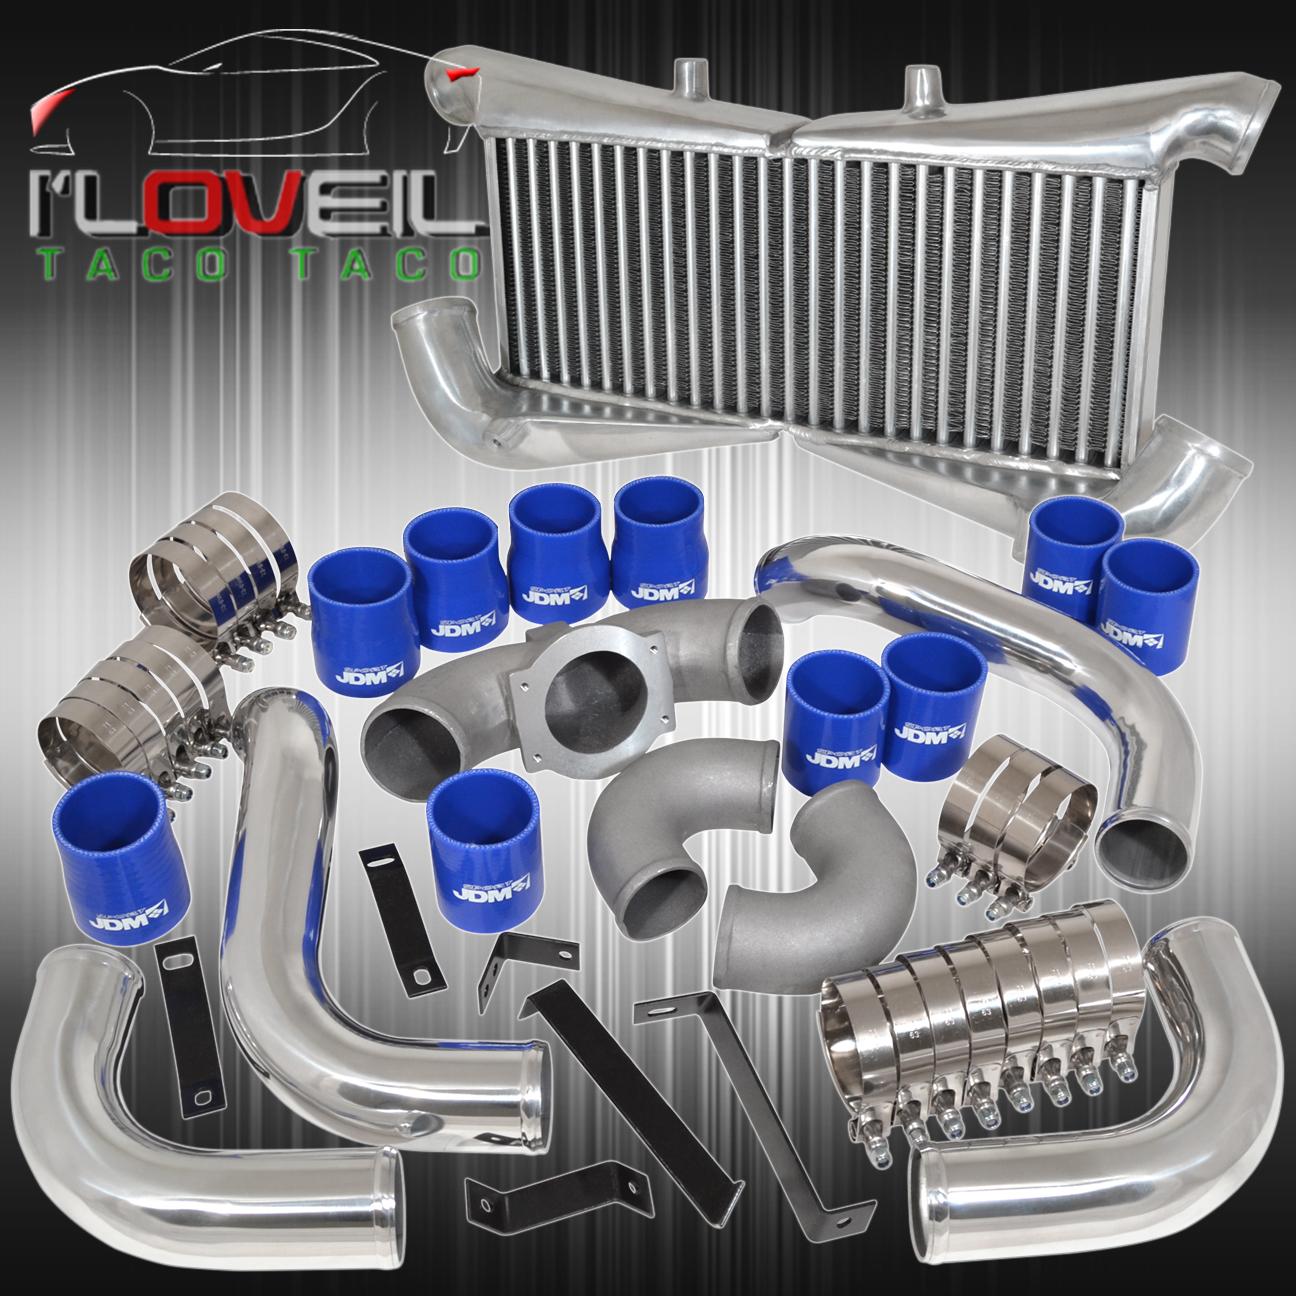 300zx Twin Turbo Dual Intake: Twin Turbo Intercooler + Polish Piping Kit Blue Couplers